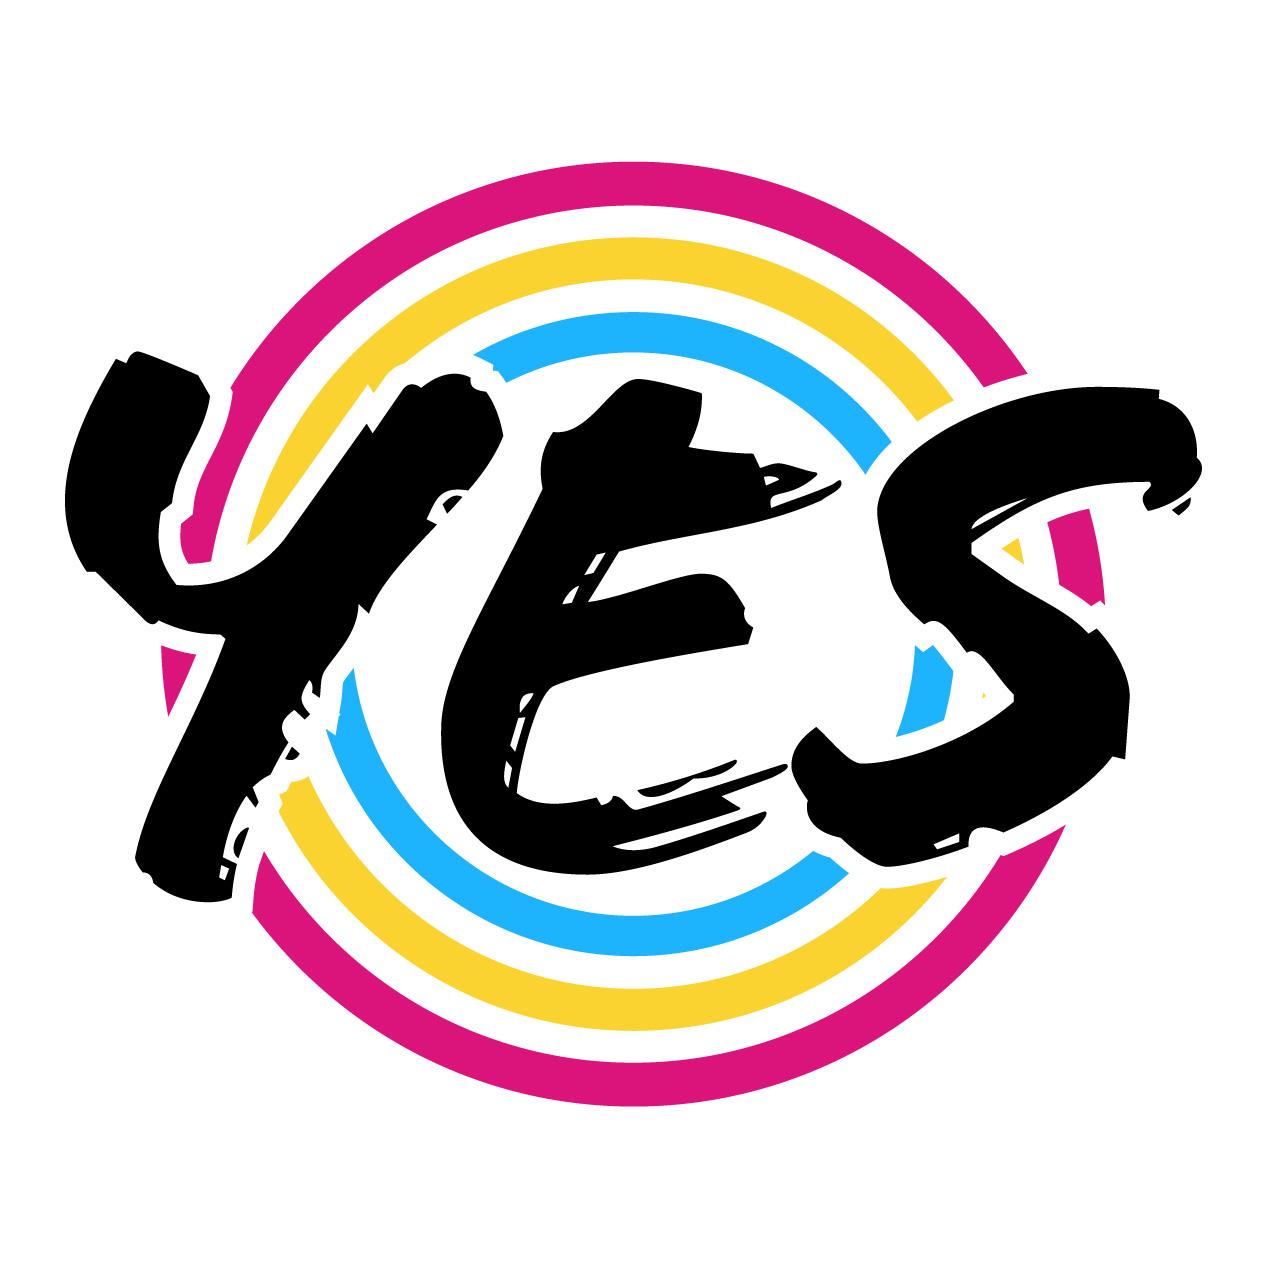 OYES_logomark-white.jpg